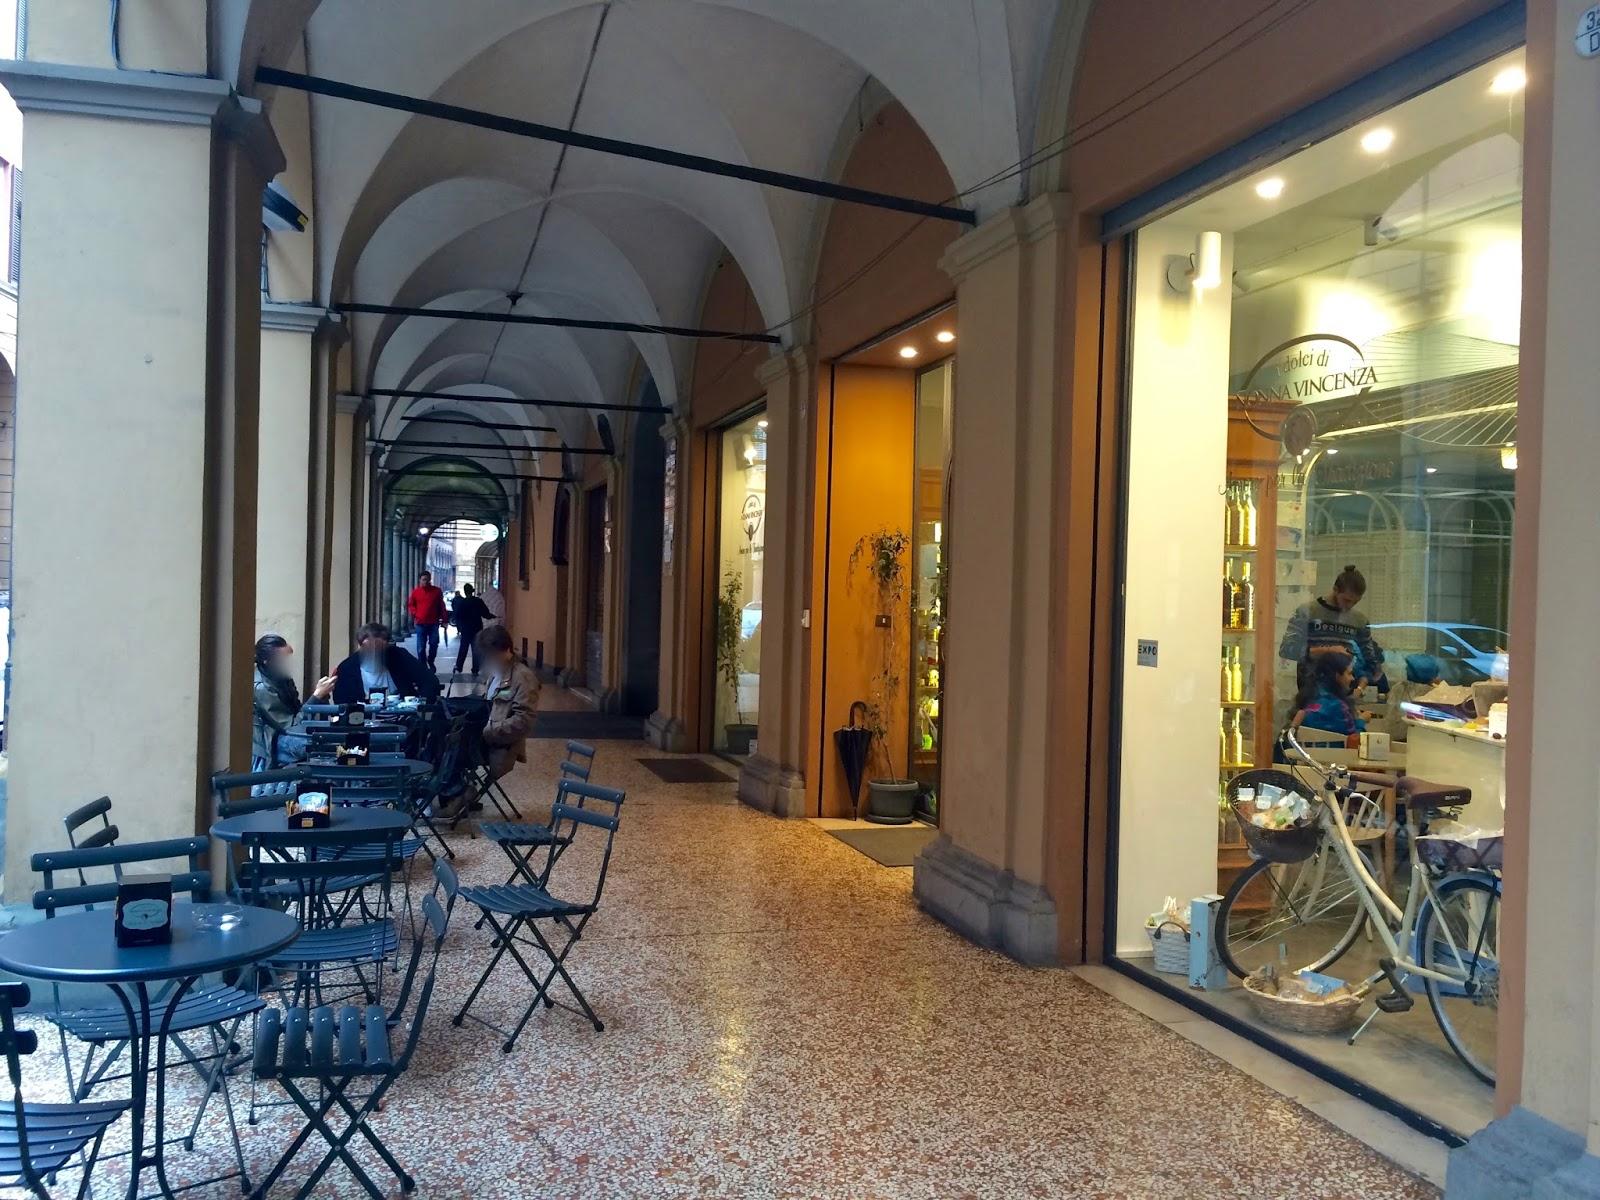 Un caff a bologna i dolci di nonna vicenza in strada for Bar ai portici